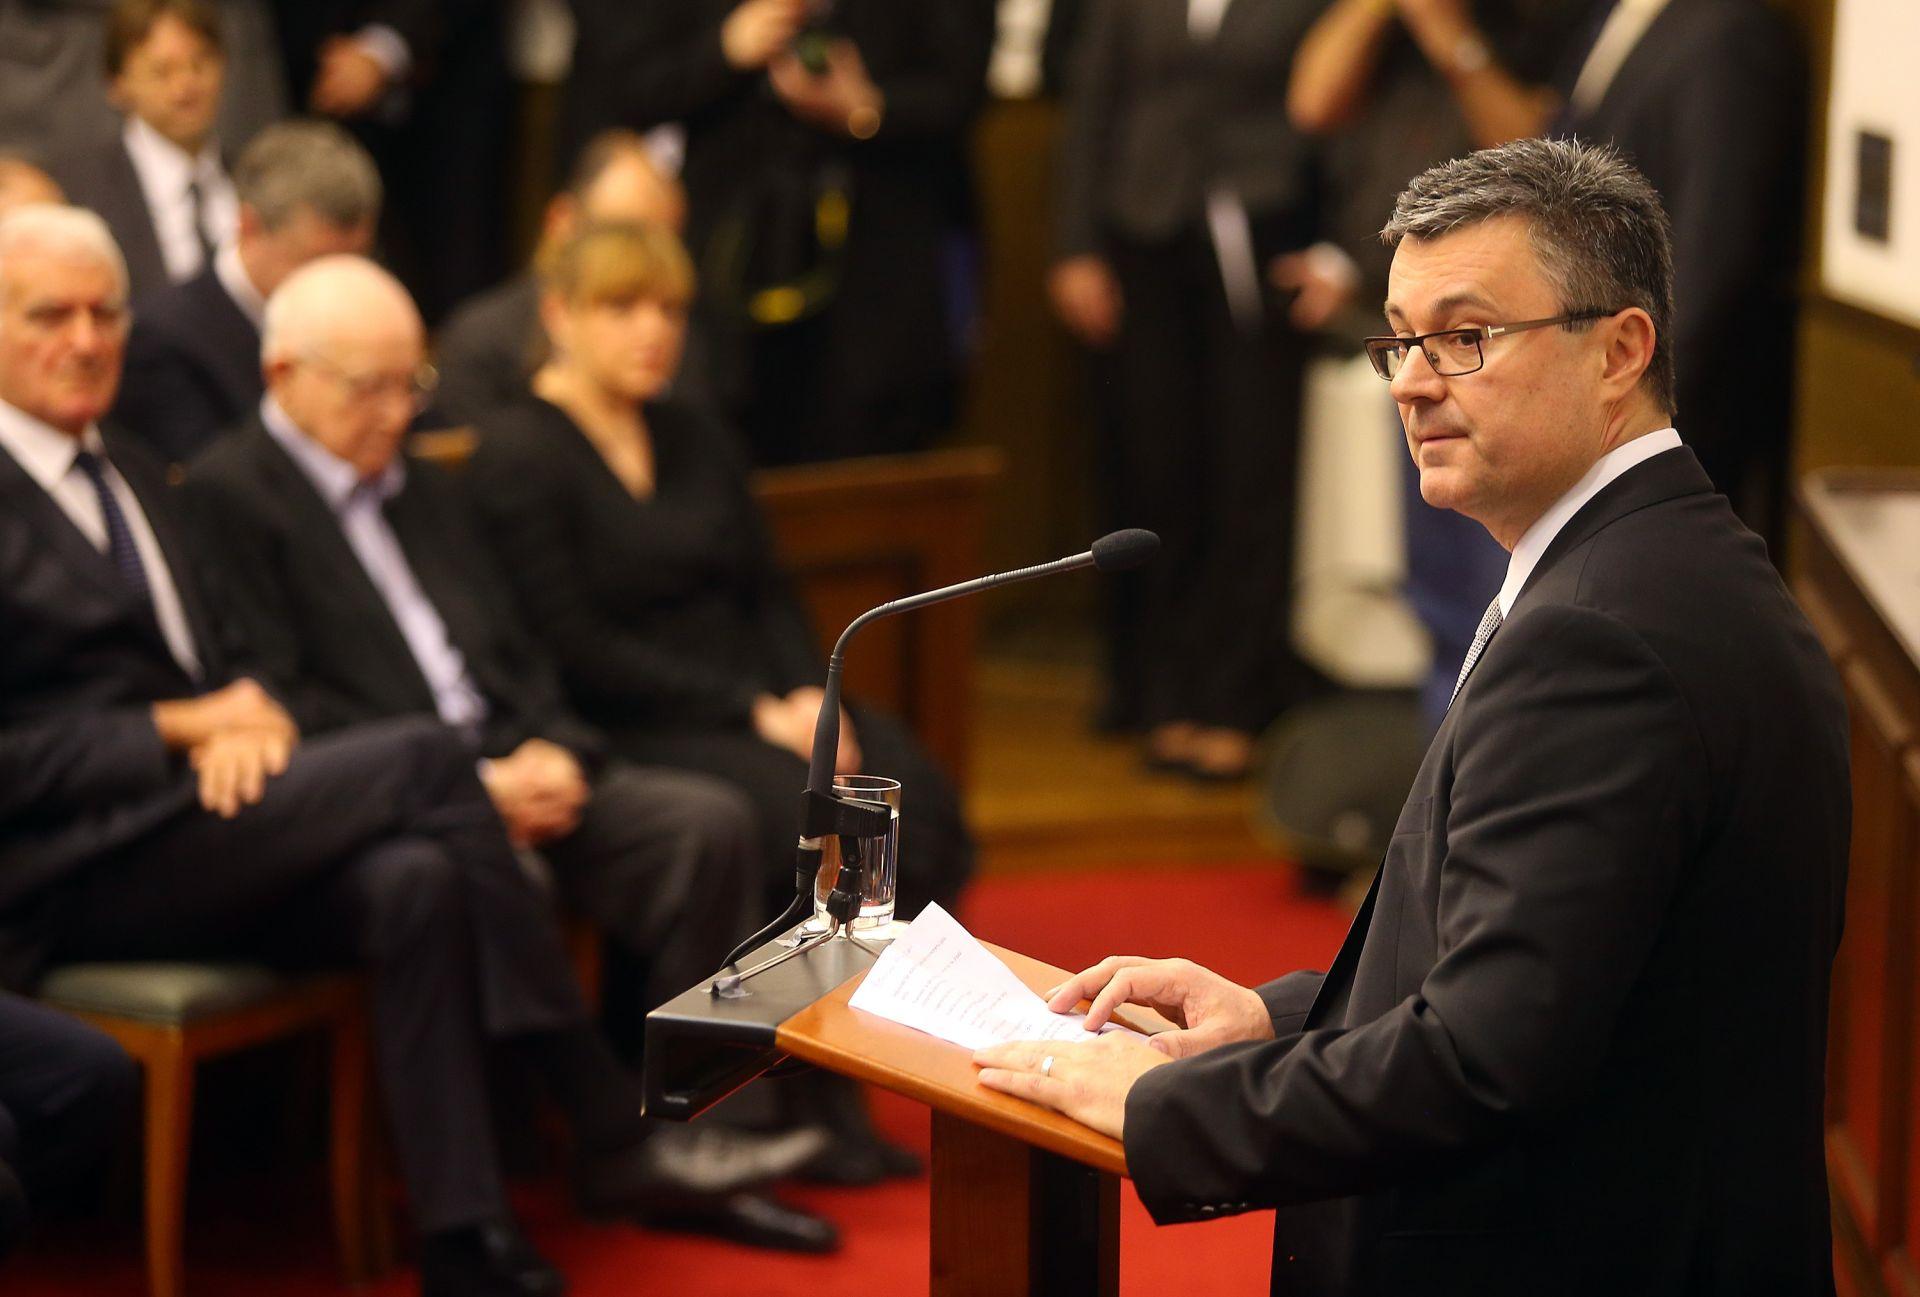 POTRES U ITALIJI: Reiner i Orešković uputili izraze sućuti talijanskim kolegama